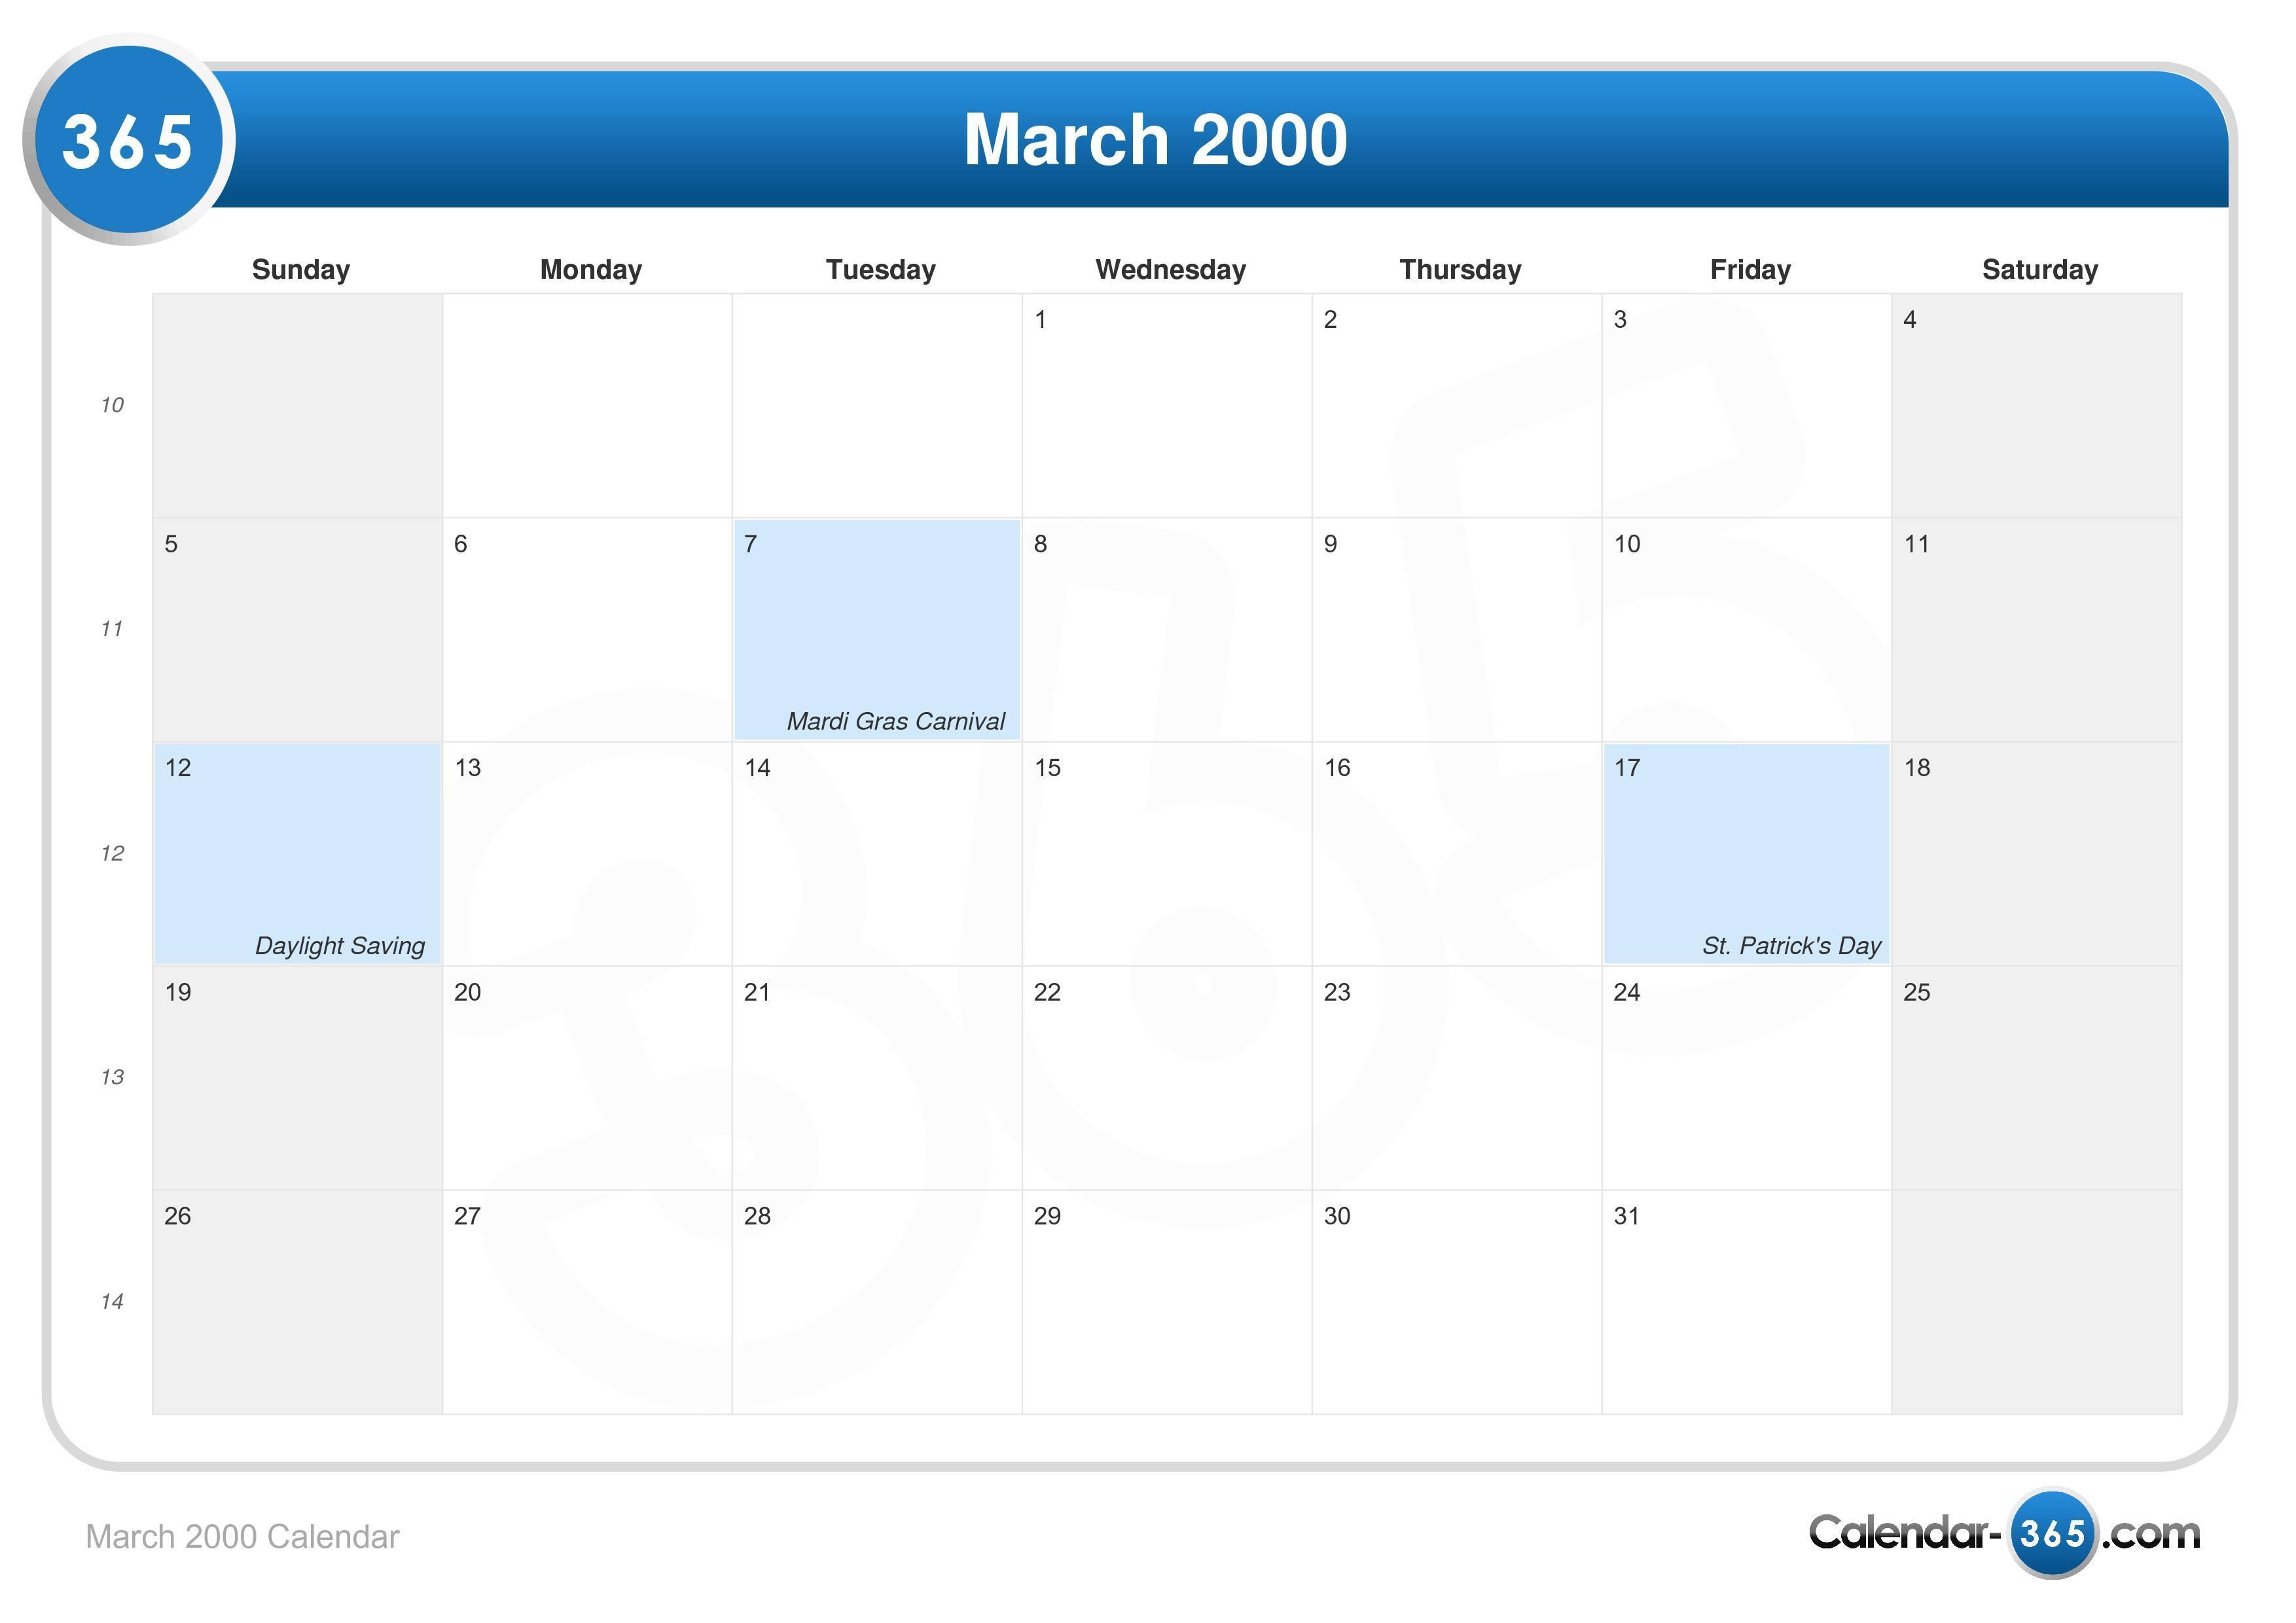 March 2000 Calendar